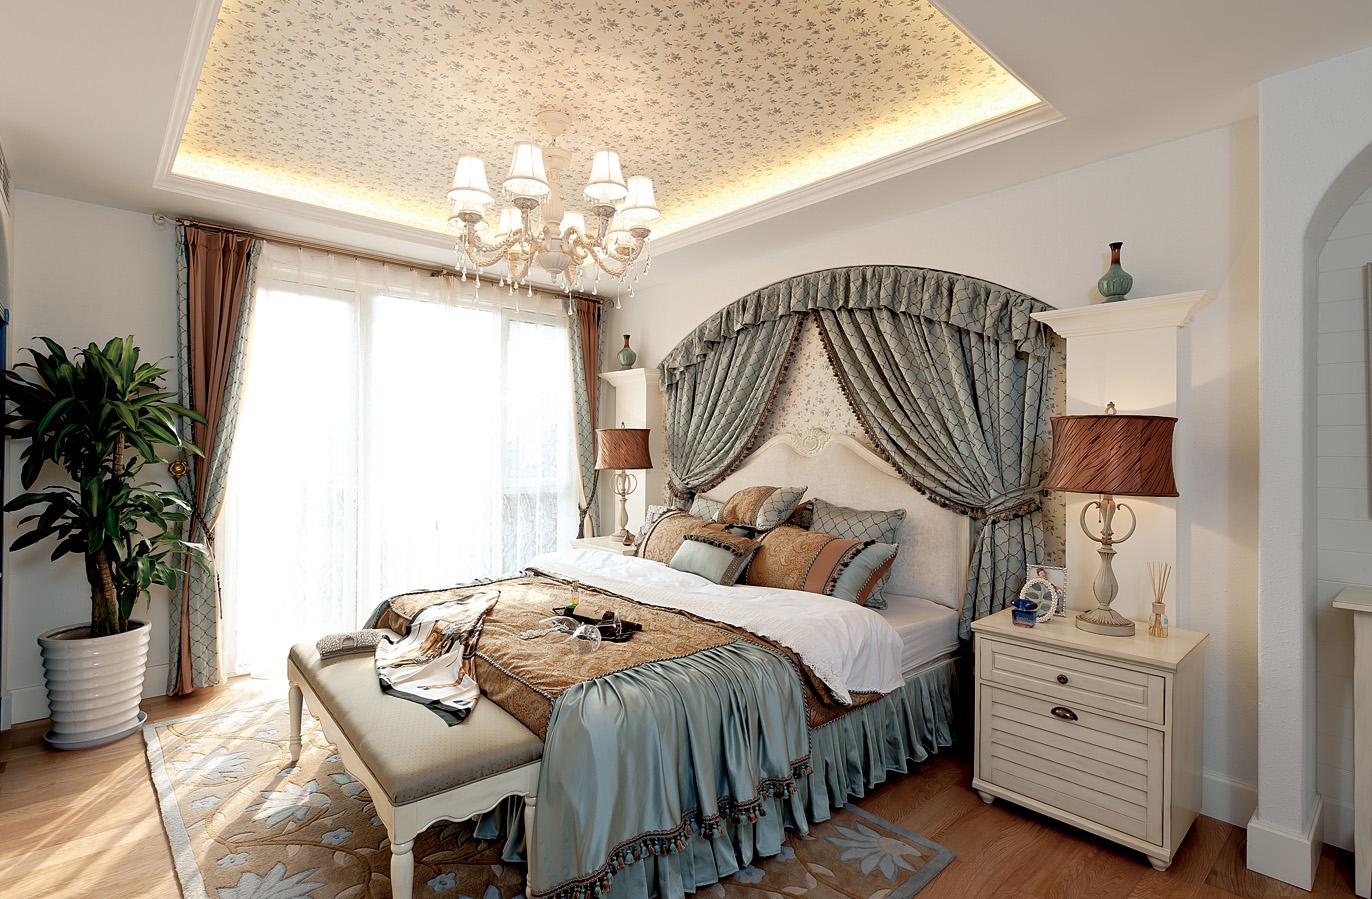 主卧床的背景深灰色的,上边有利用的图案,搭配几何图案的装饰布,颜色呼应床品.